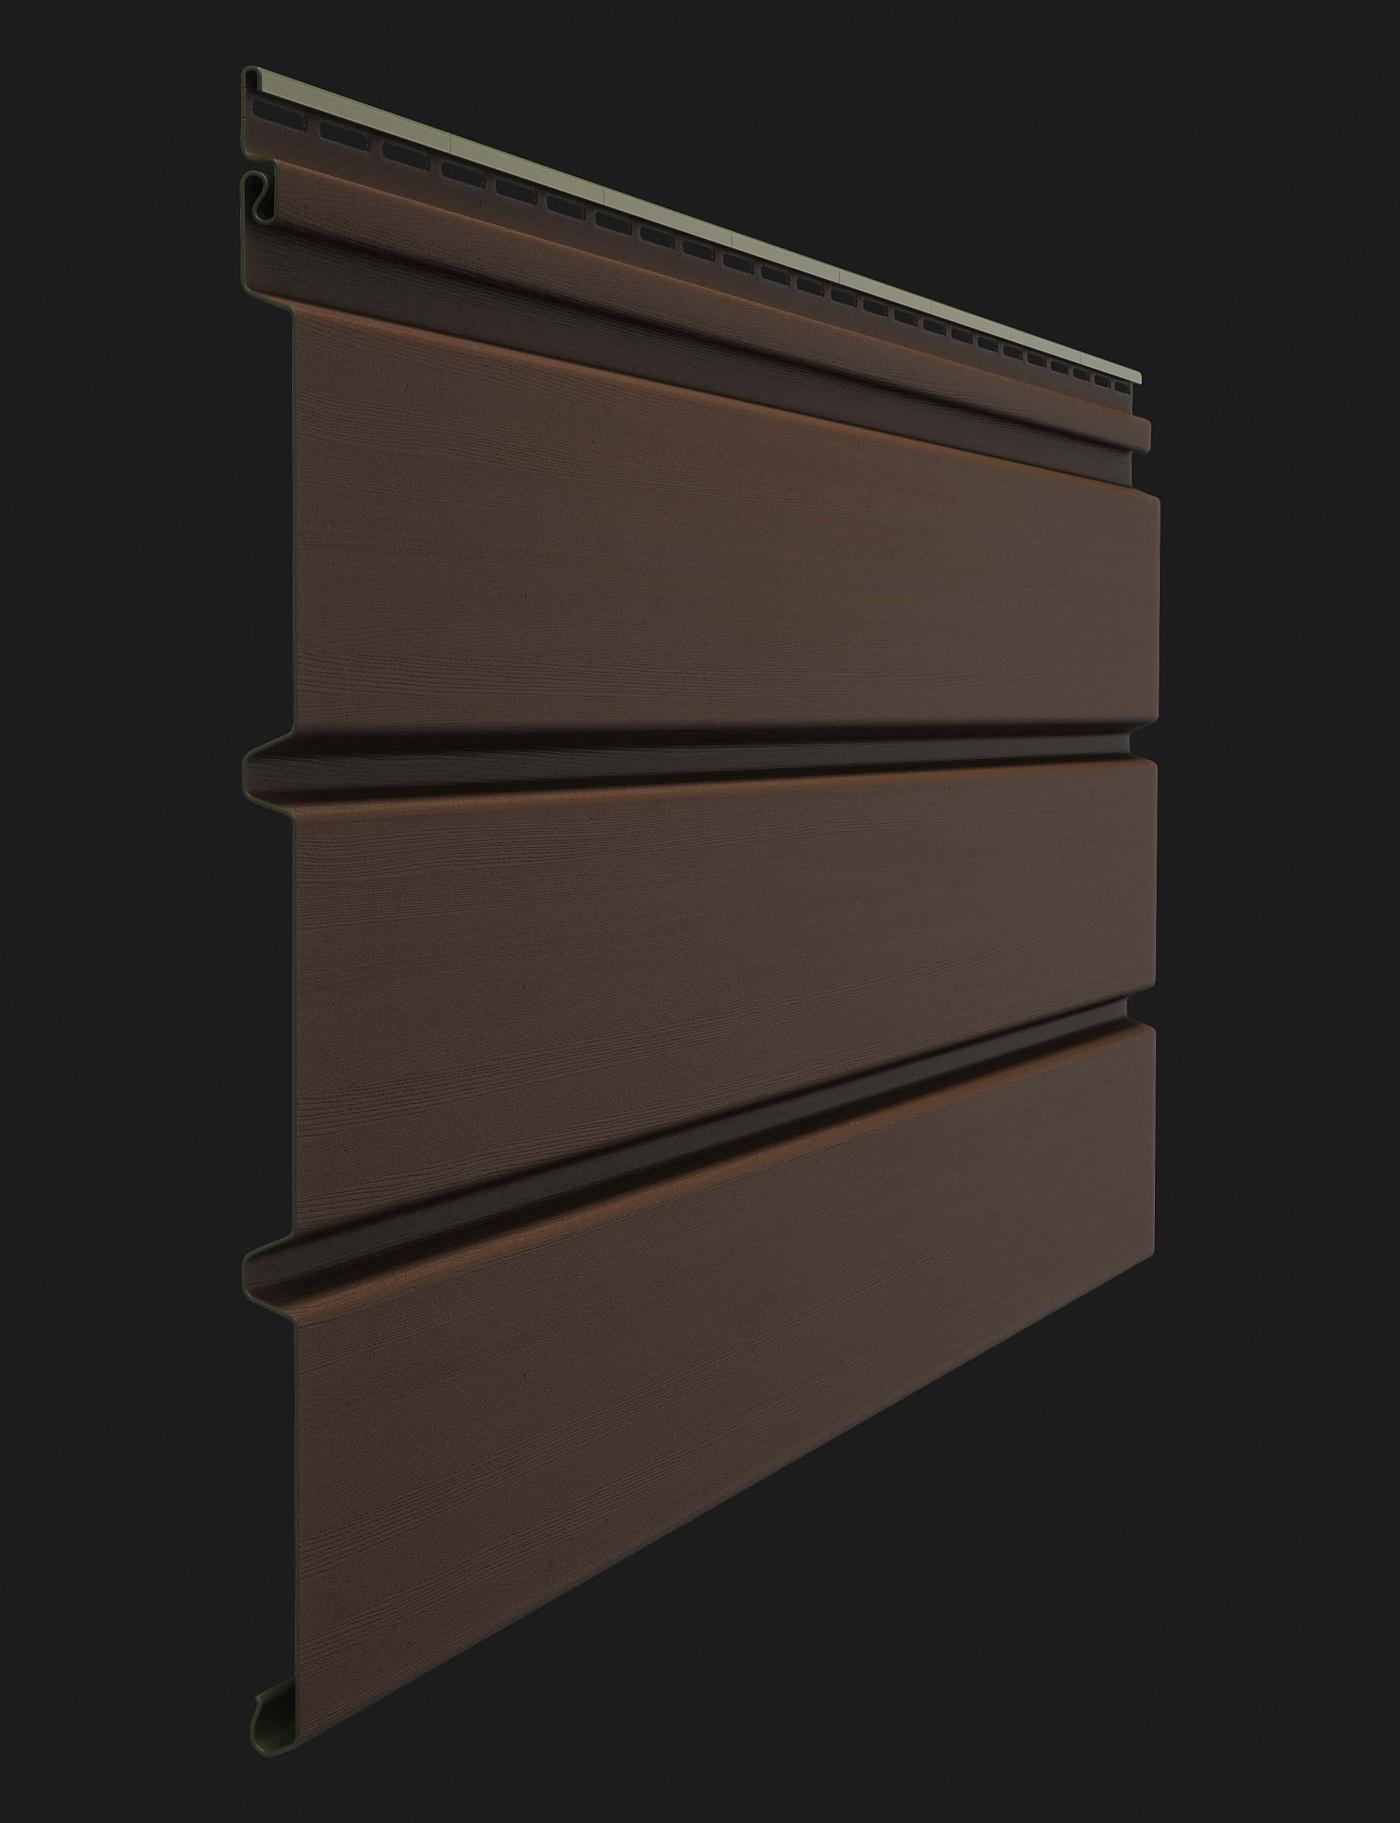 Софит пластиковый Docke Premium T4 сплошной без перфорации 3000 мм Каштан